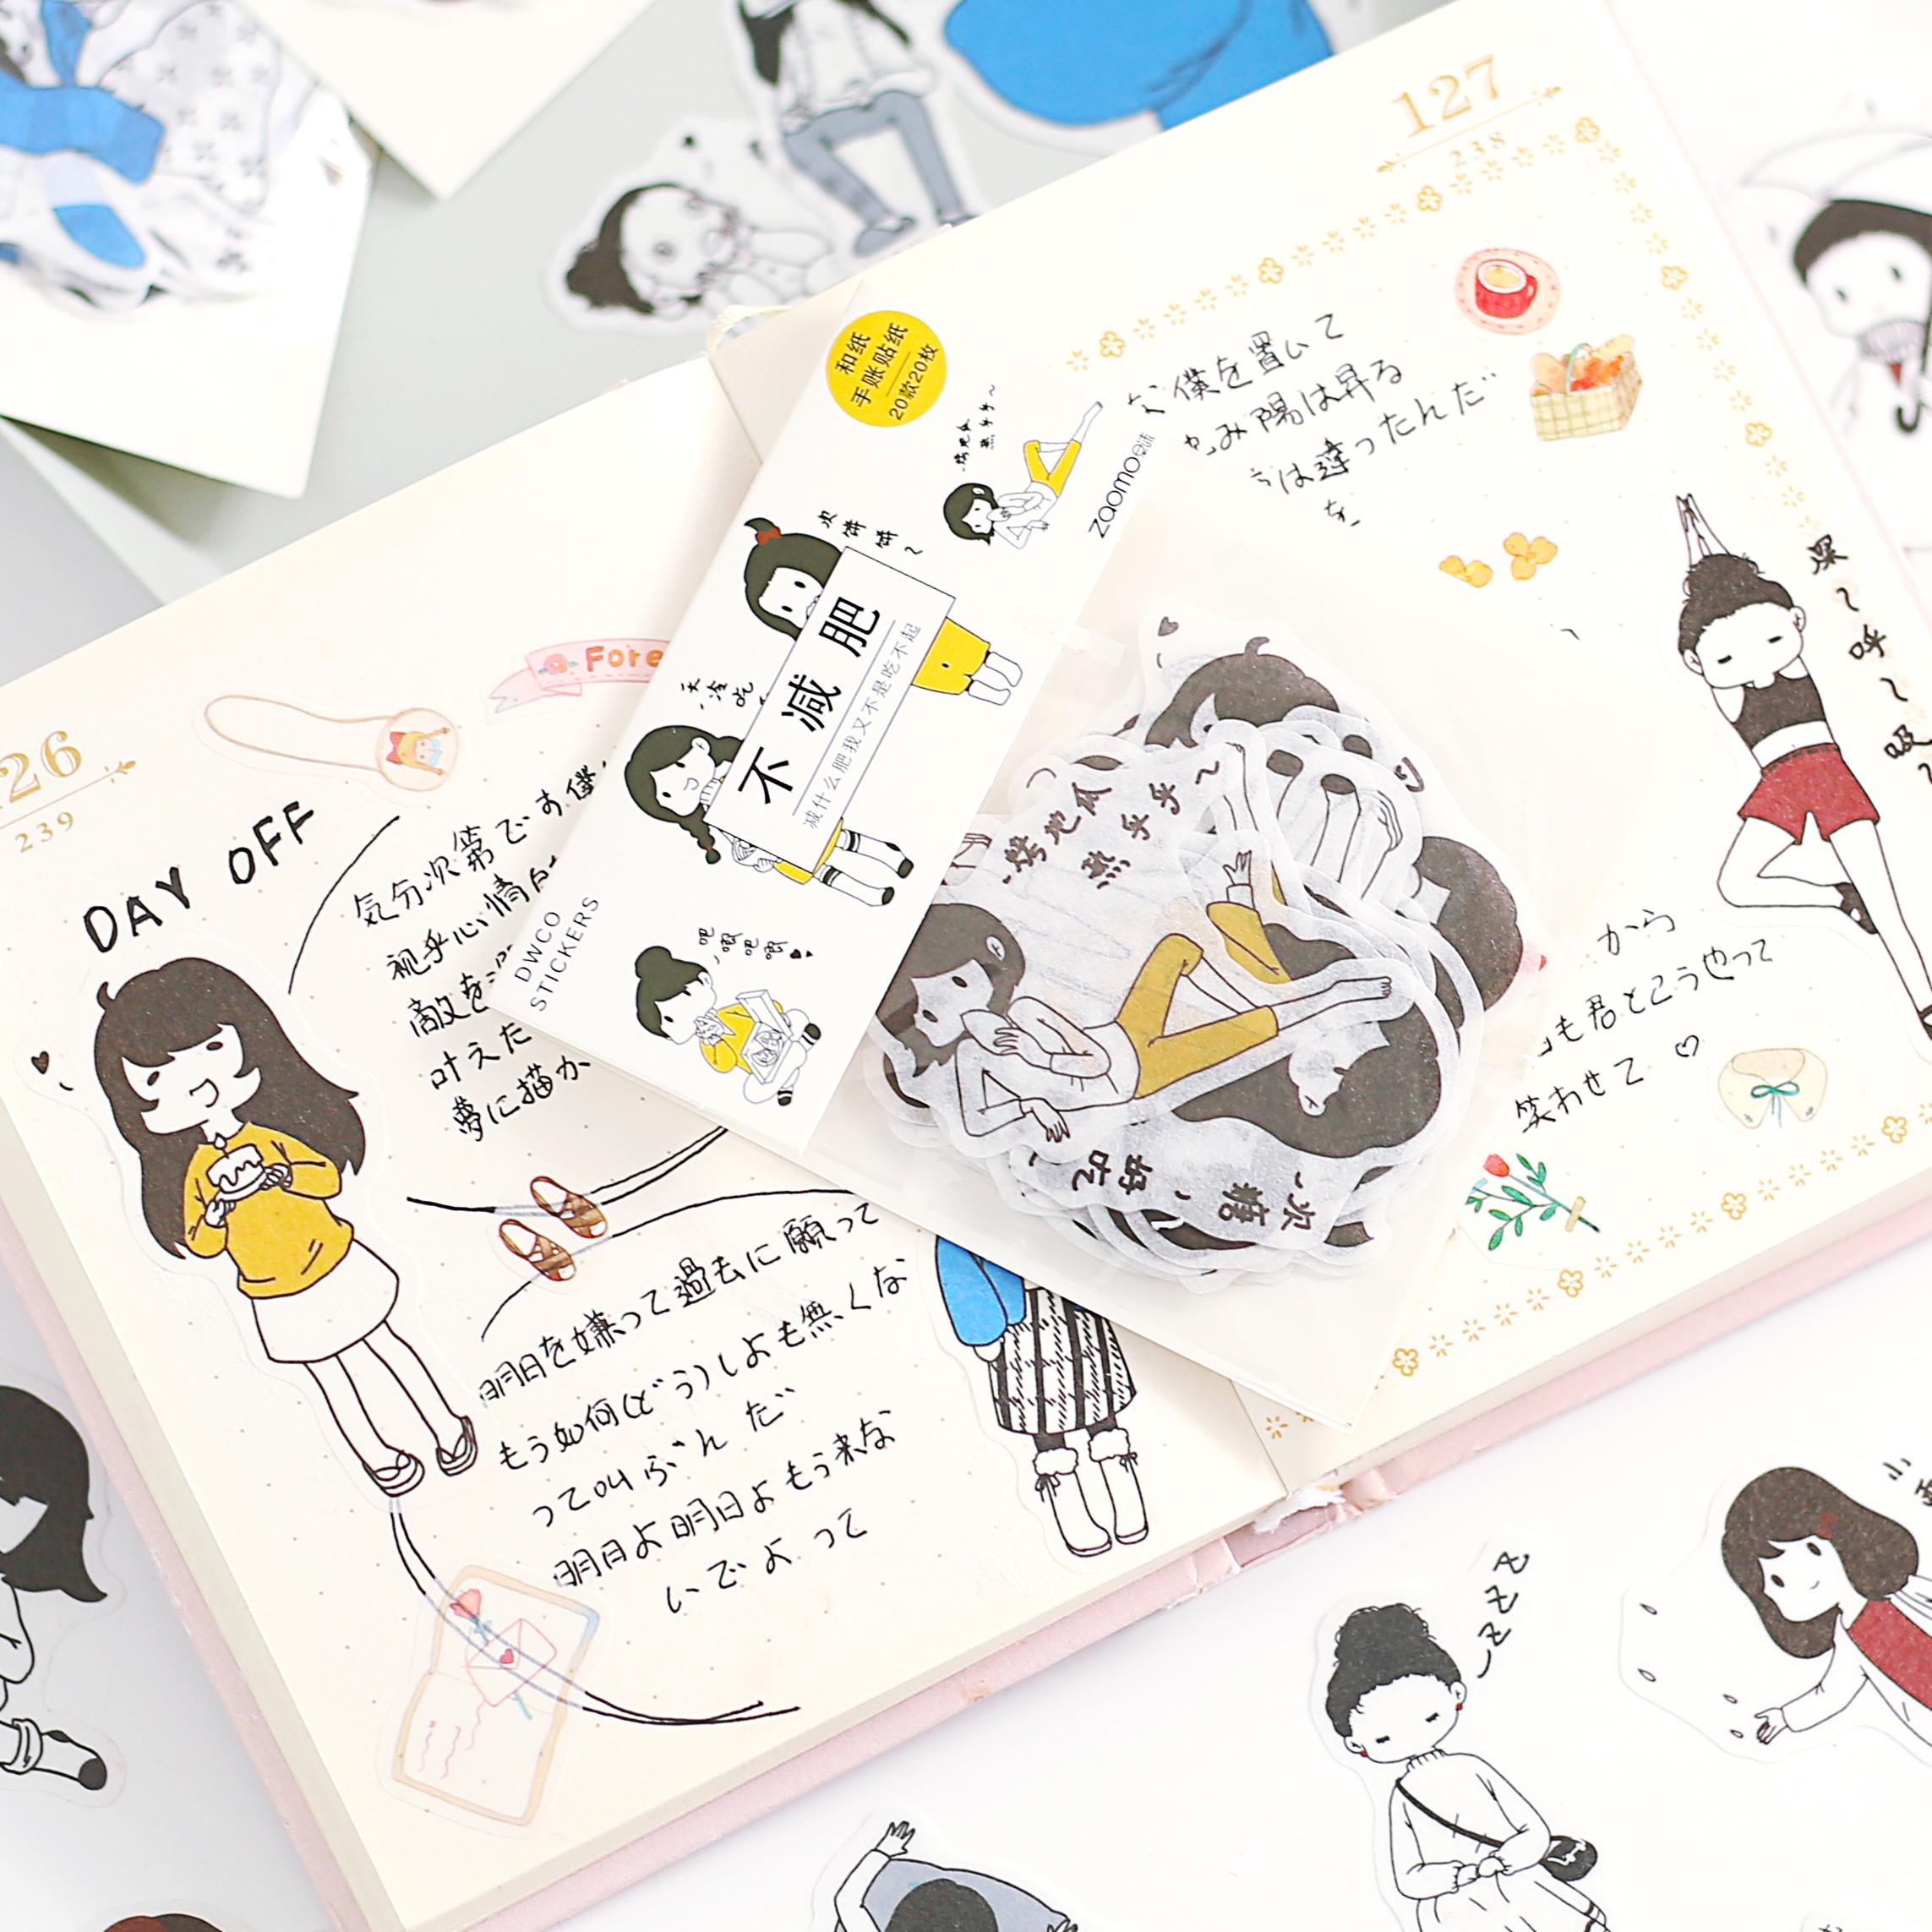 盐系小心情手账贴纸包 元气小人物日式和纸文艺日记手帐装饰贴画